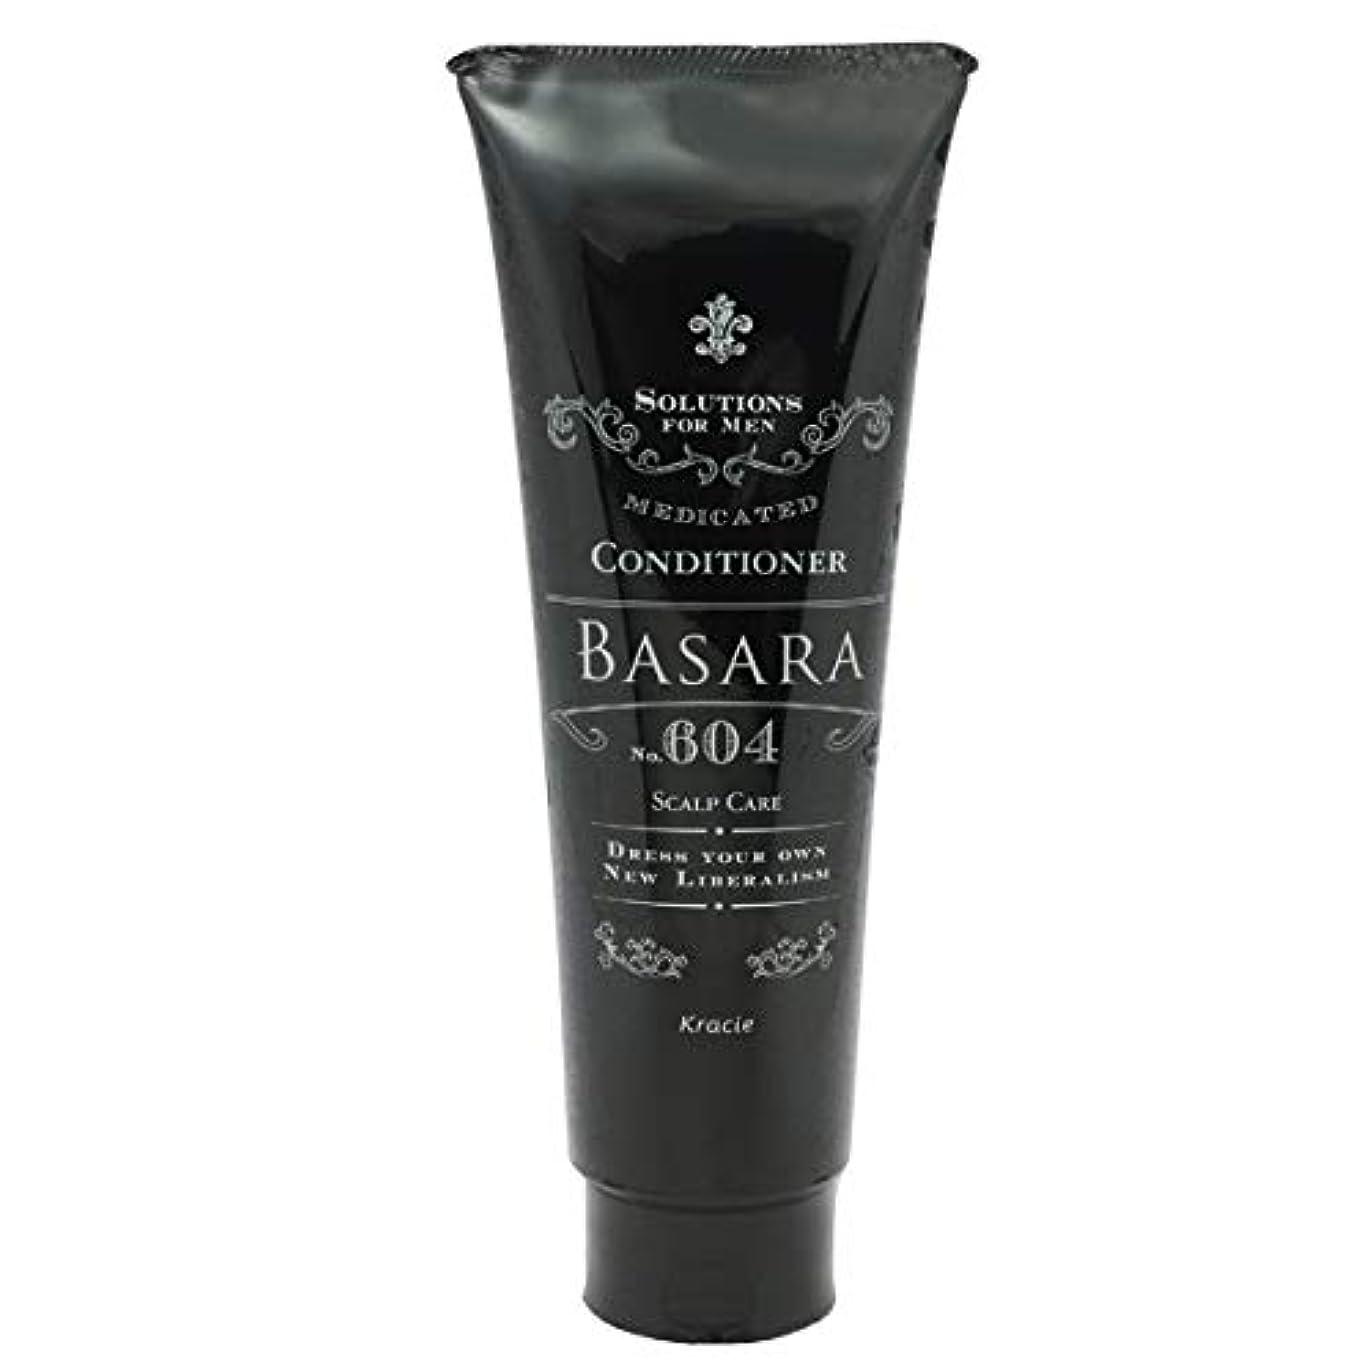 摂氏度中傷税金サロンモード(Salon Mode) クラシエ バサラ 薬用スカルプ コンディショナー 604 250g